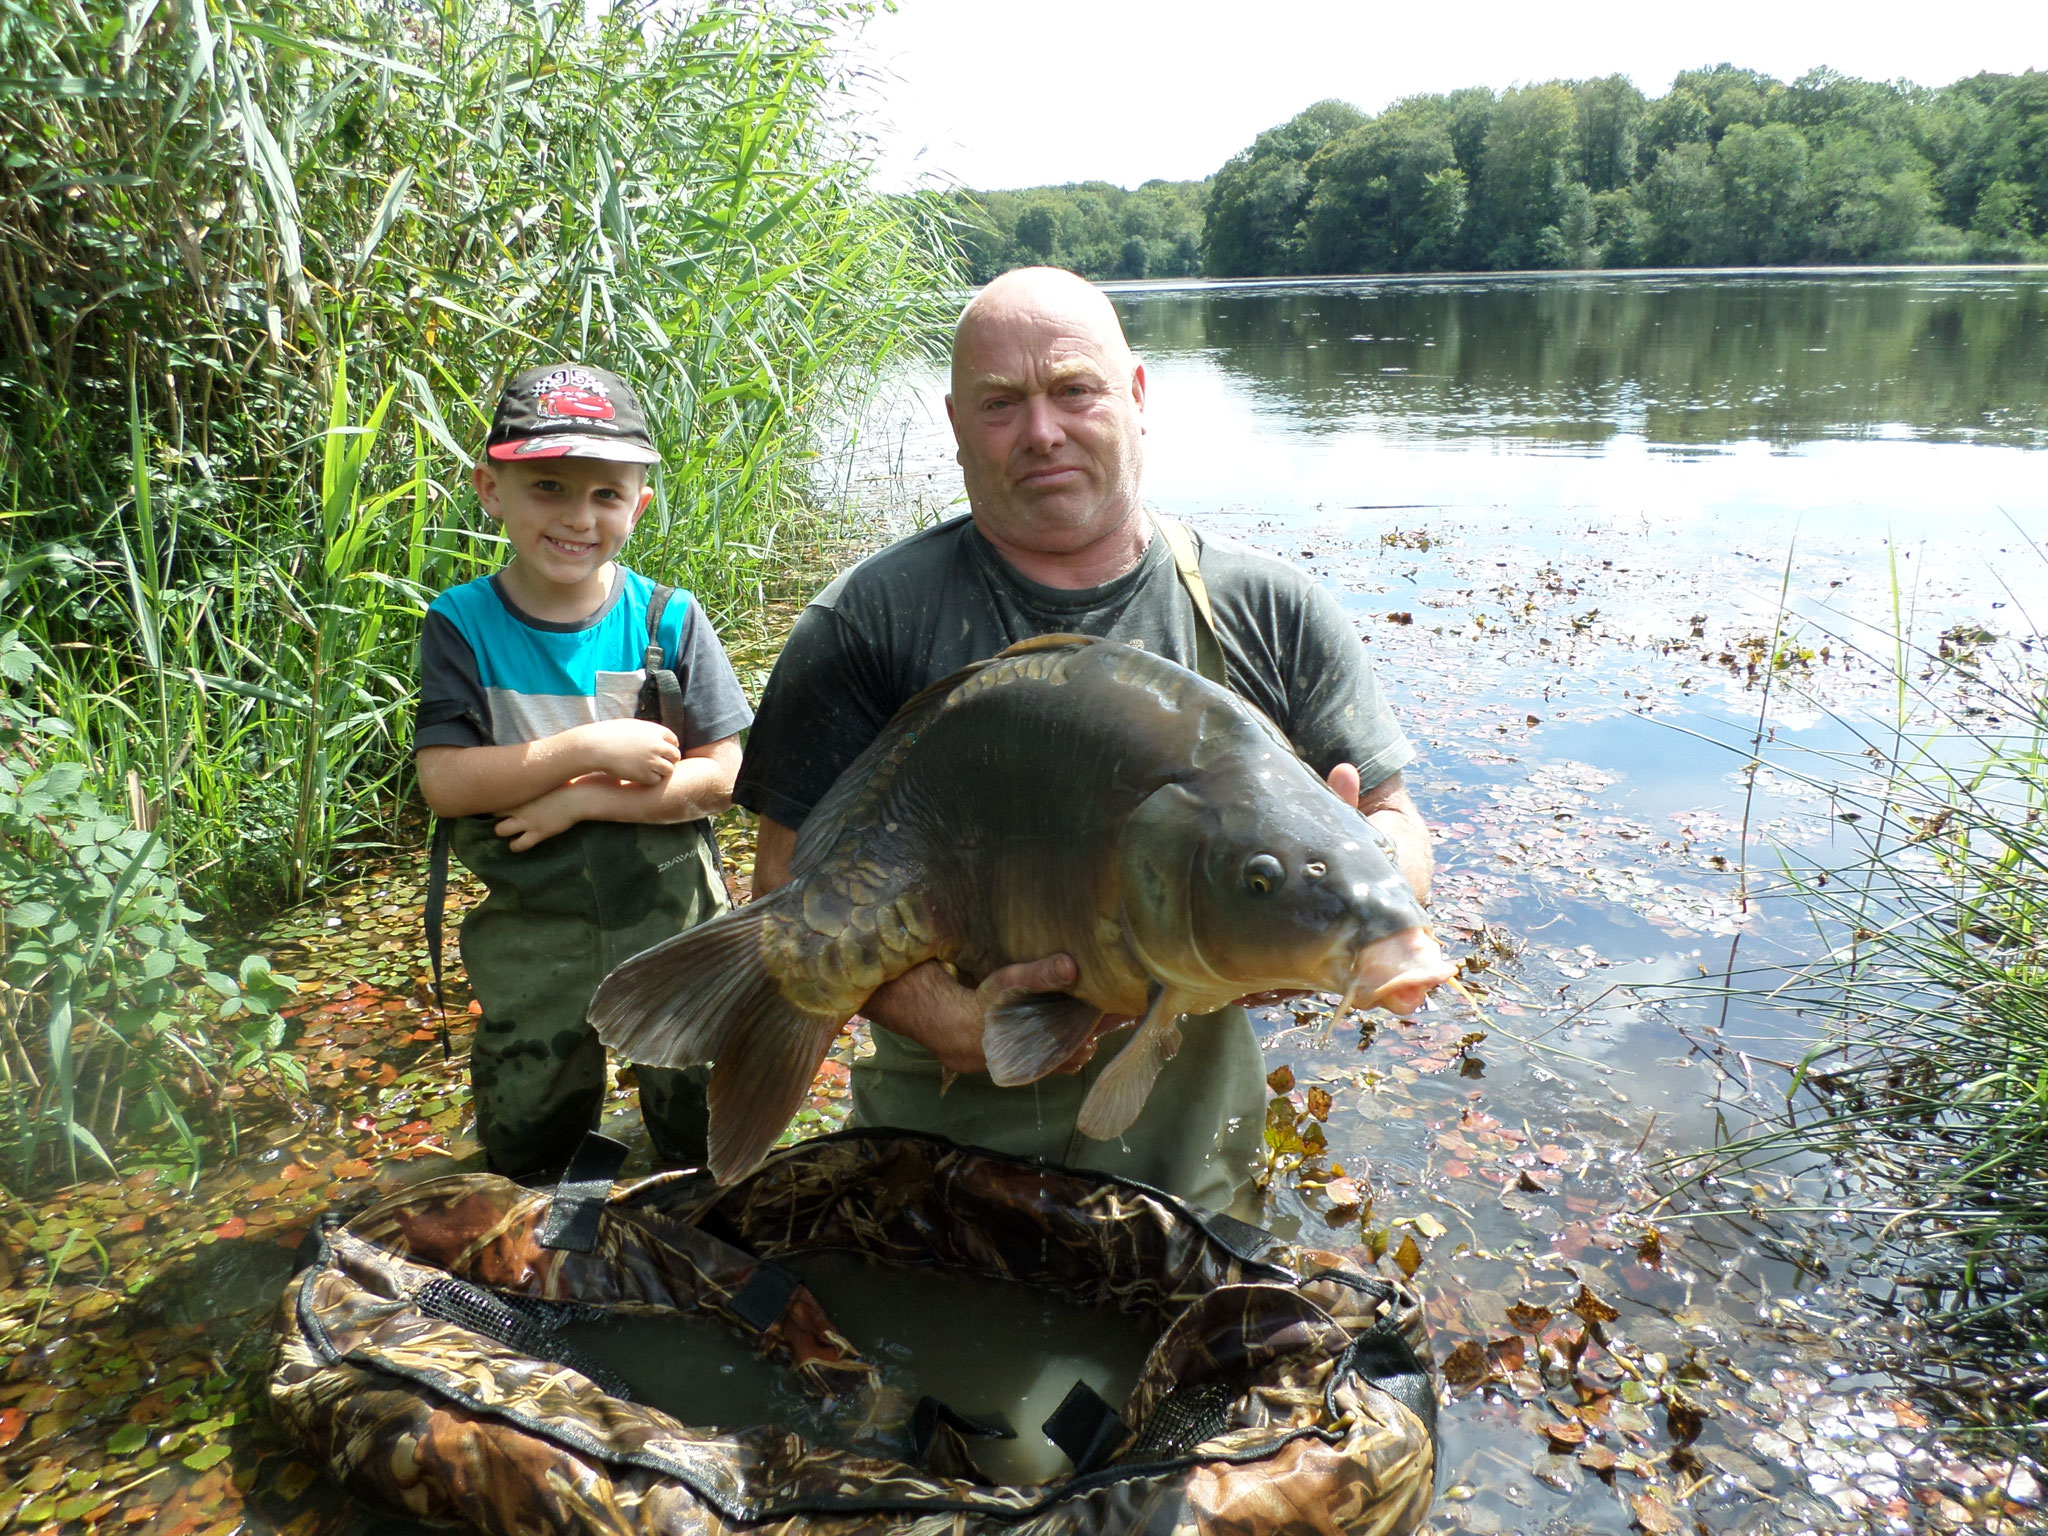 Etang de pêche à la carpe - Chêne-bernard - Pisciculture de la dorme - Jura